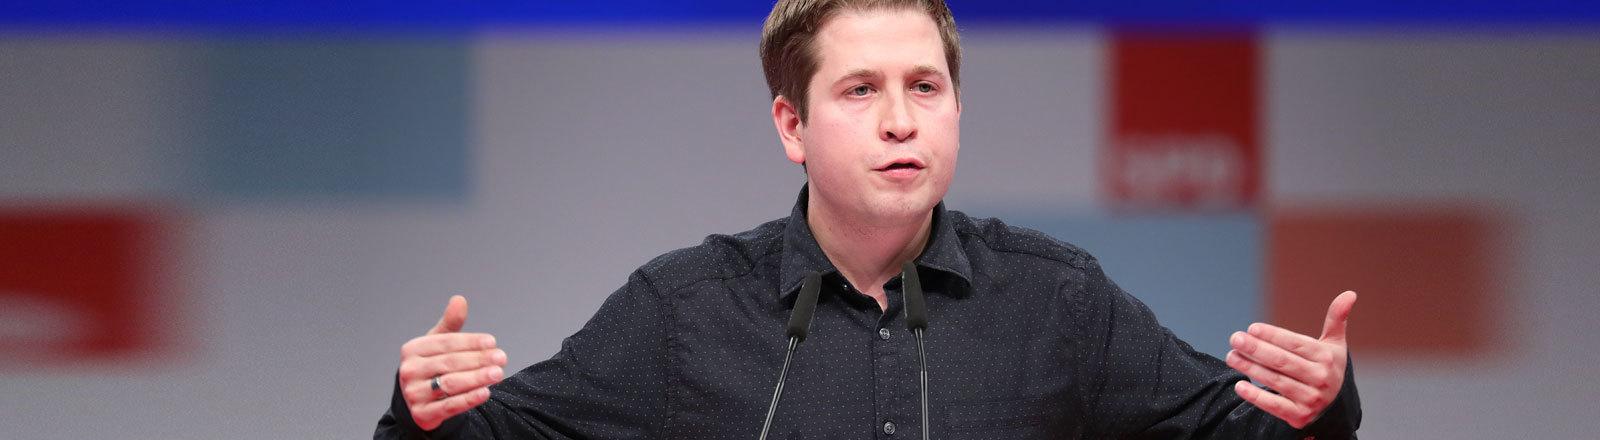 Juso-Vorsitzender Kevin Kühnert